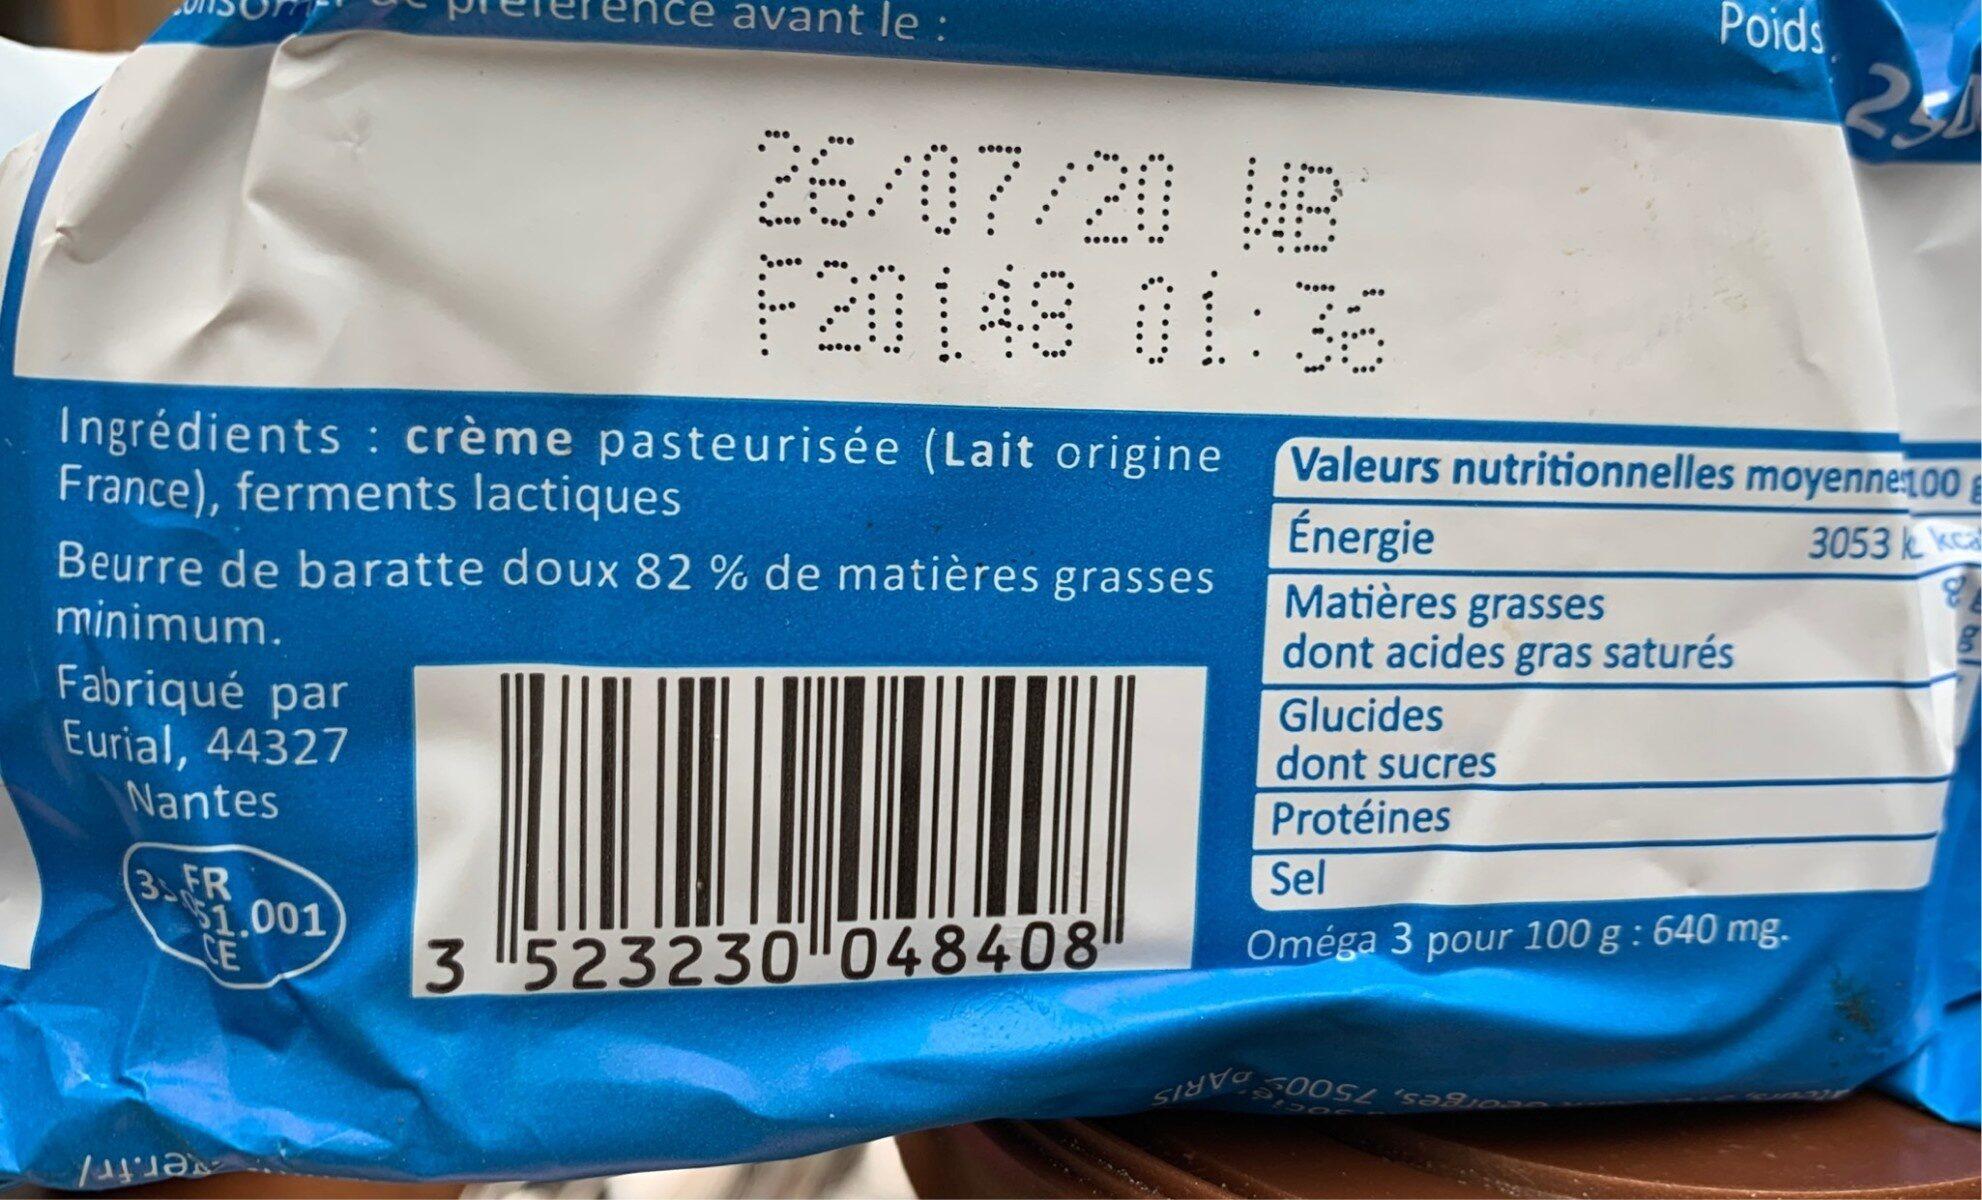 Beurre de Baratte Bleu-Blanc-Coeur - Nutrition facts - fr